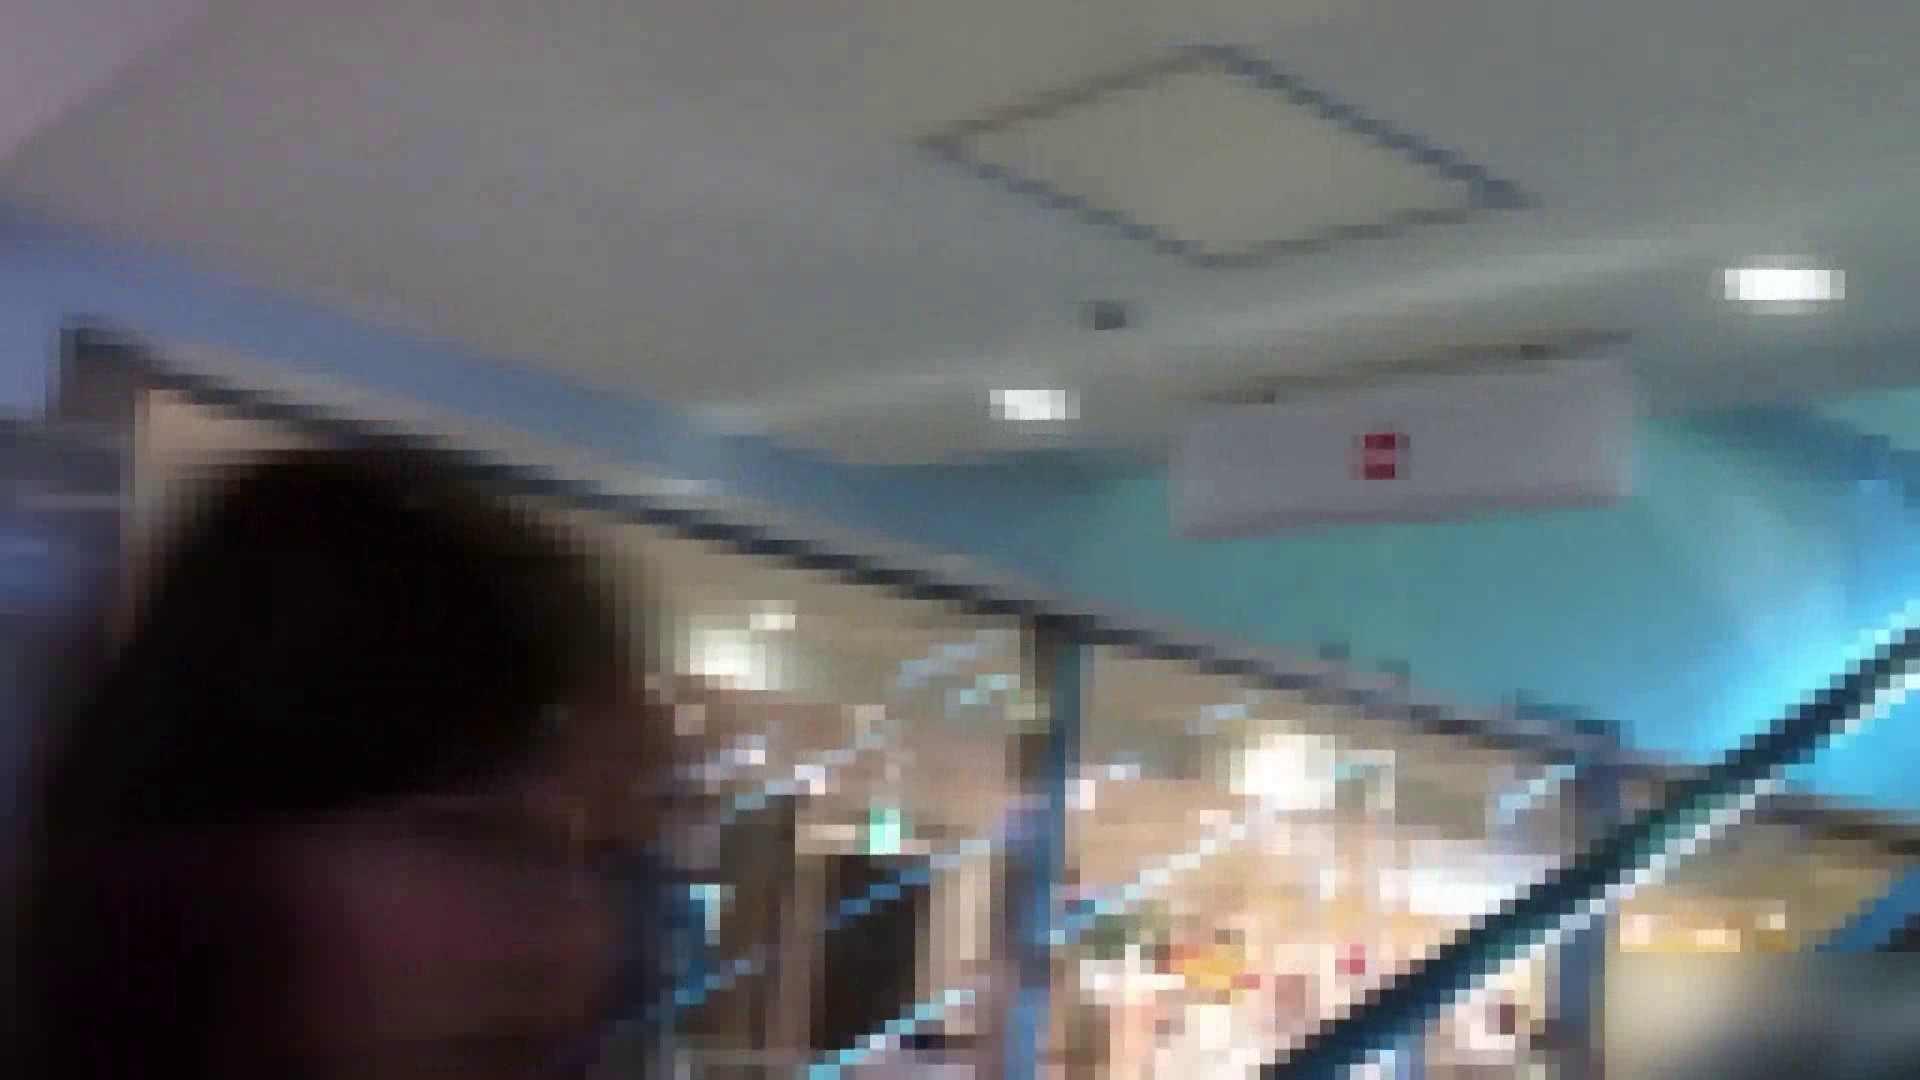 ガールズパンチラストリートビューVol.012 現役ギャル セックス無修正動画無料 105pic 26